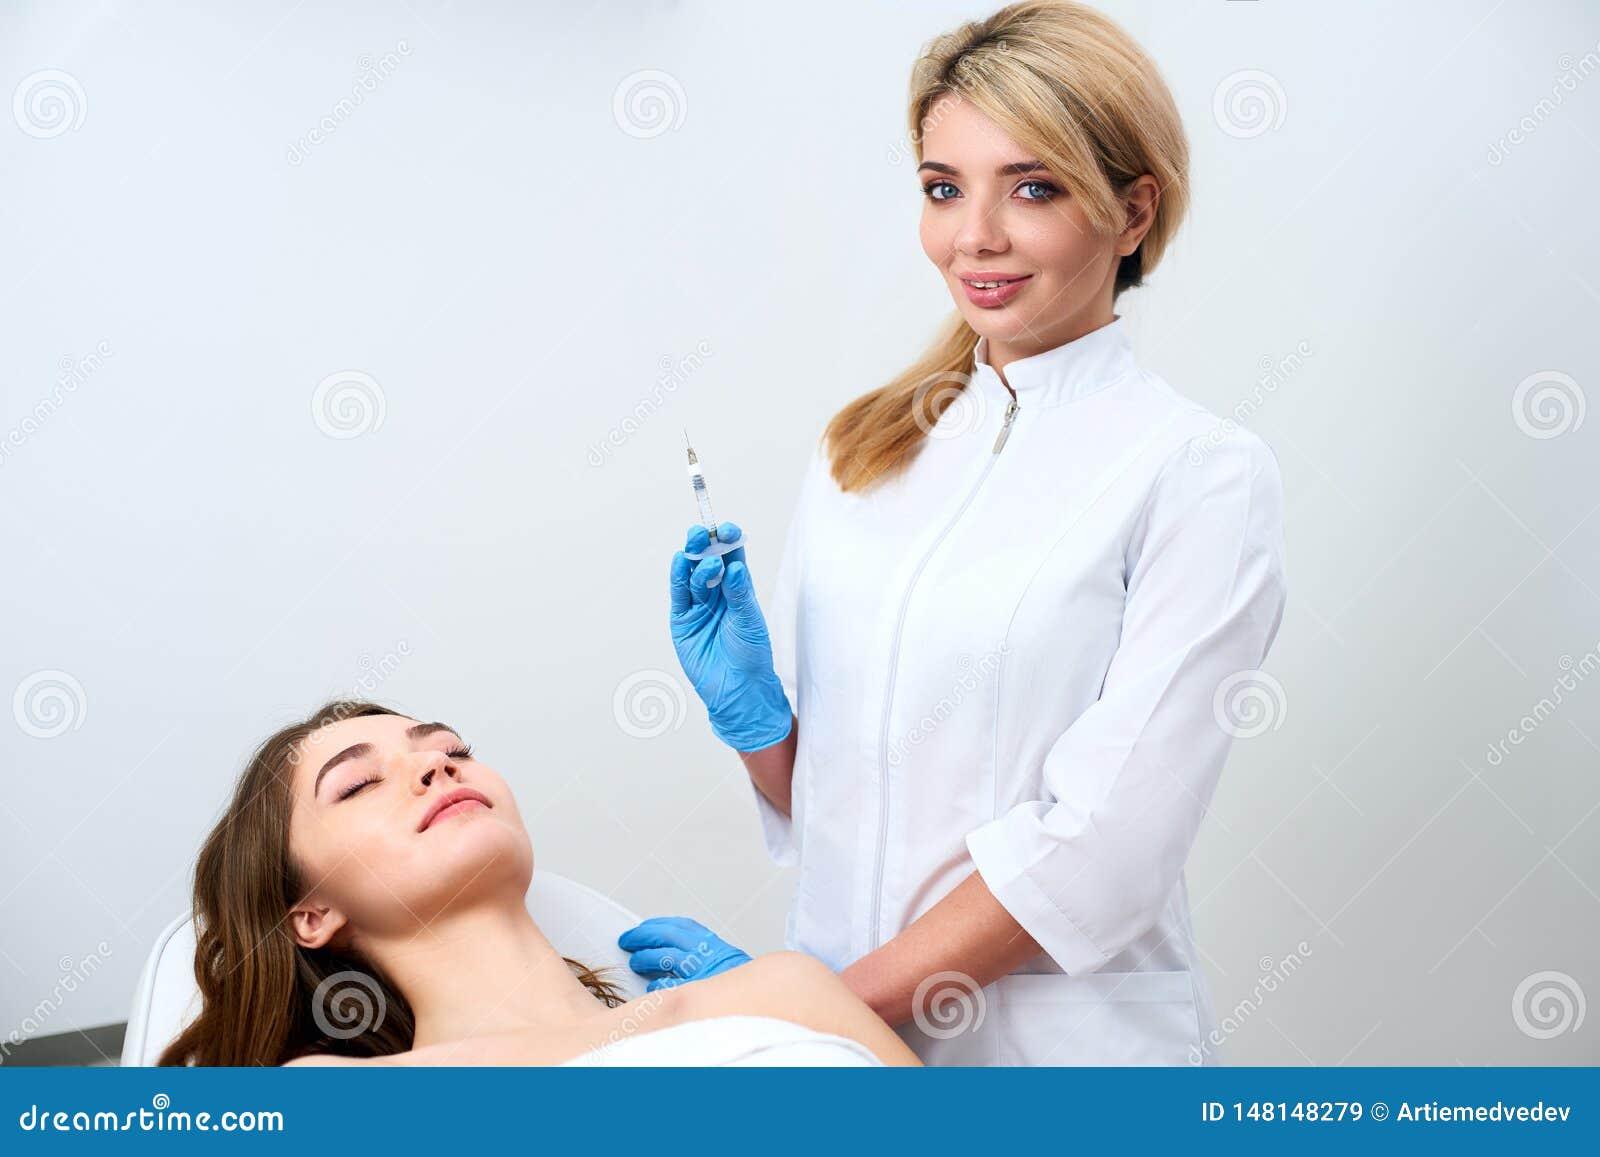 Доктор Cosmetologist стоя около пациента и держа перчатки перед деятельностью, впрыски botulinum шприца нося